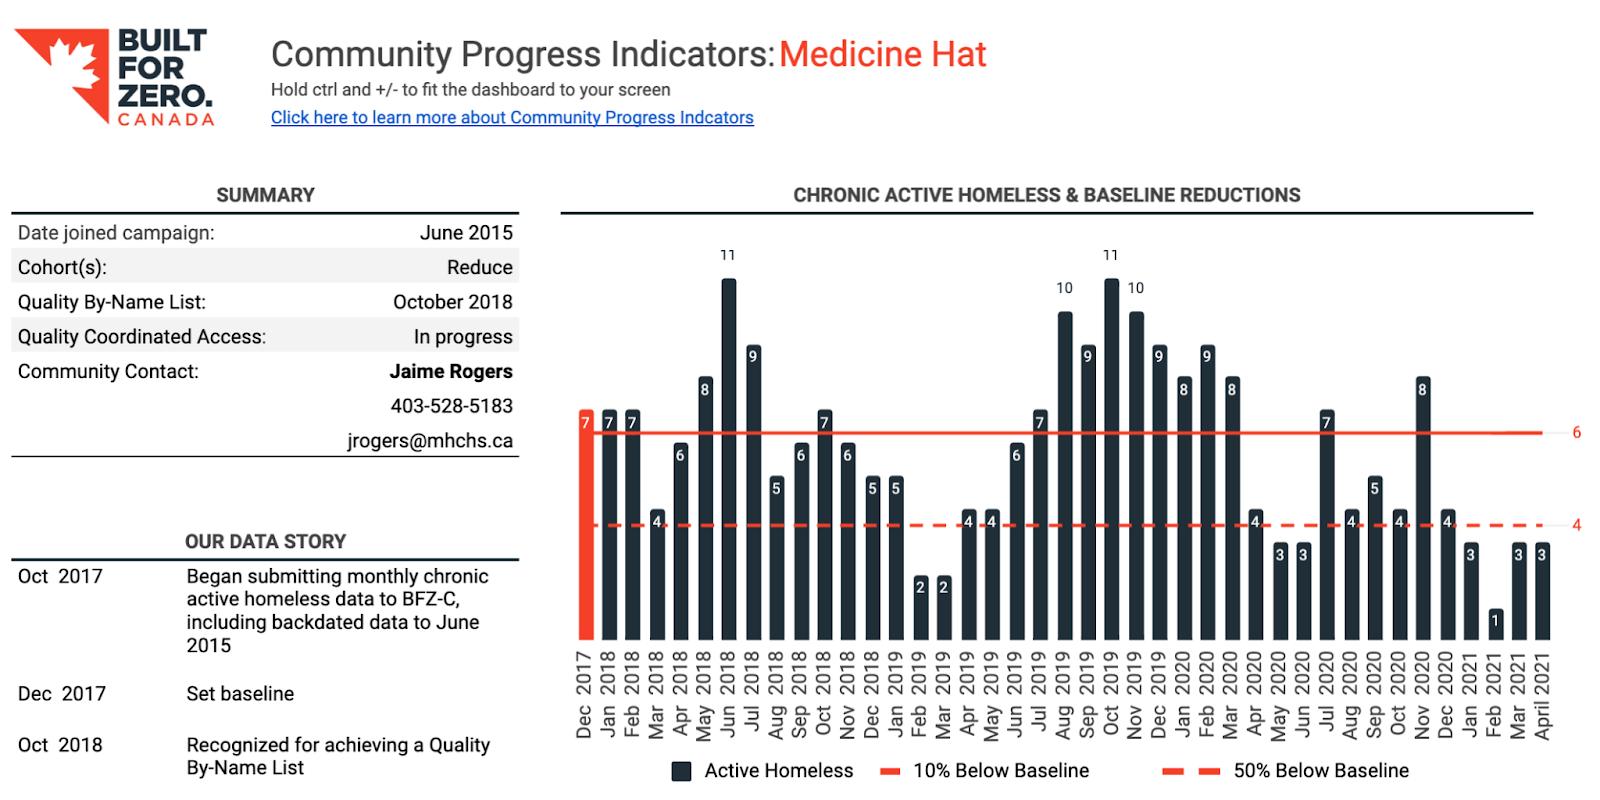 Screenshot of BFZ-Canada's Community Progress Indicators: Medicine Hat